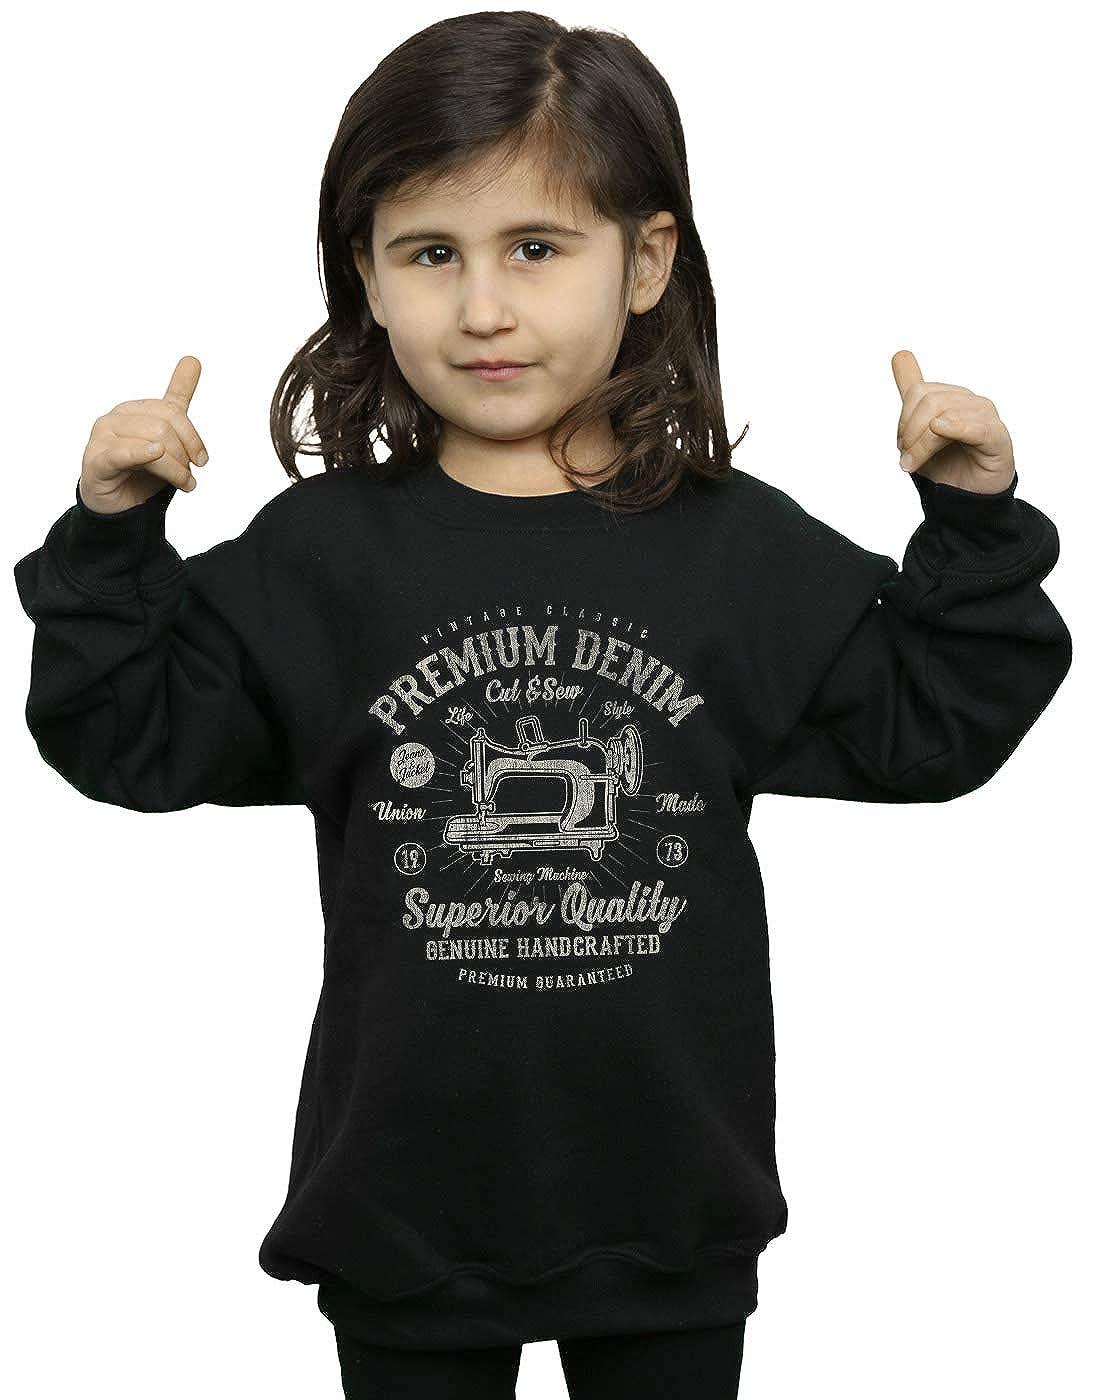 Drewbacca Girls Premium Denim Sweatshirt